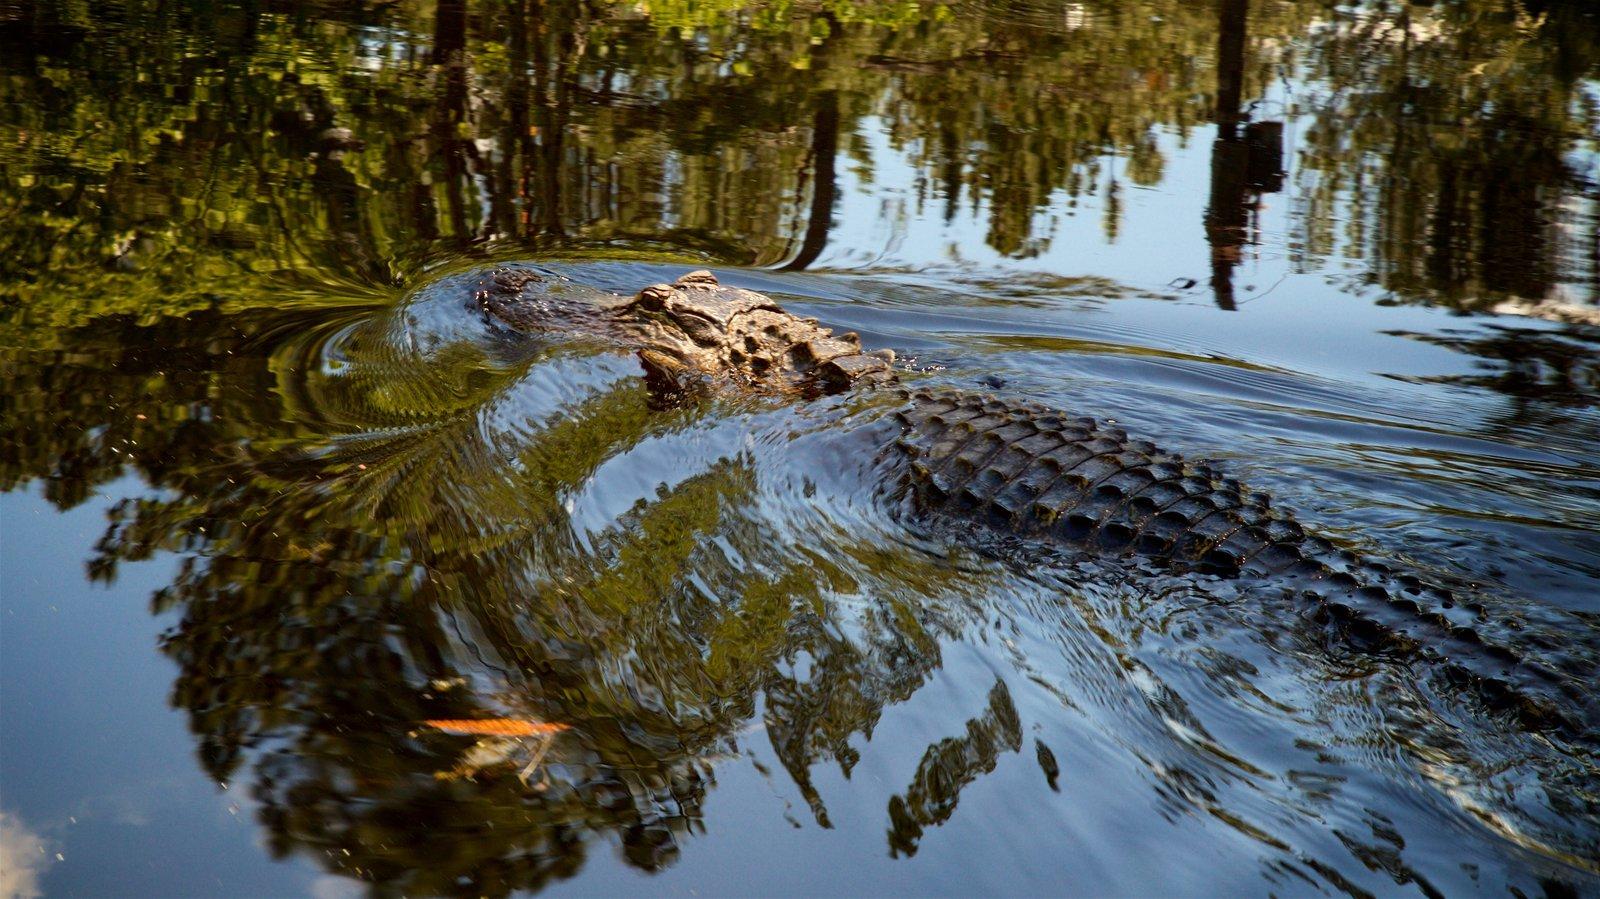 Okefenokee Swamp Park showing wetlands and dangerous animals